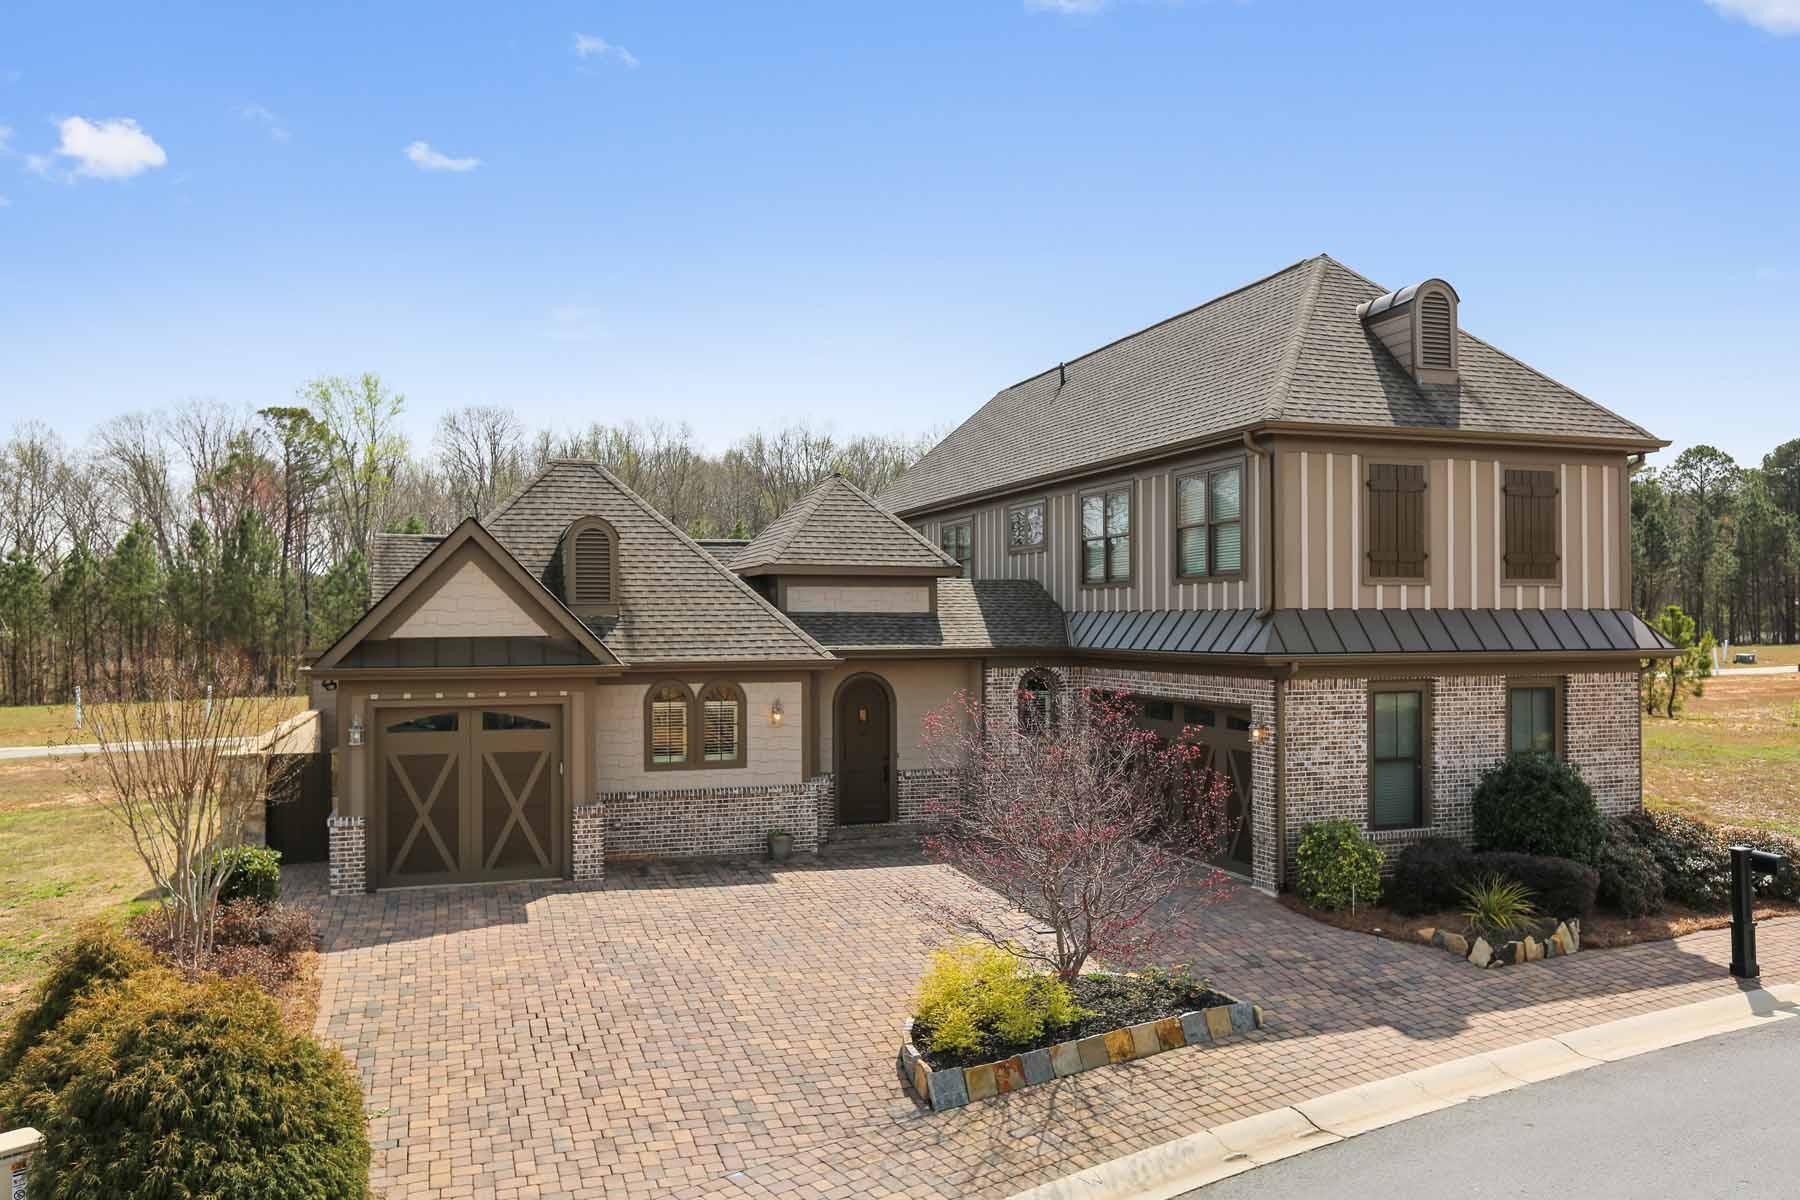 Maison unifamiliale pour l Vente à Stunning Courtyard Home 130 Batten Board Way Woodstock, Georgia, 30189 États-Unis